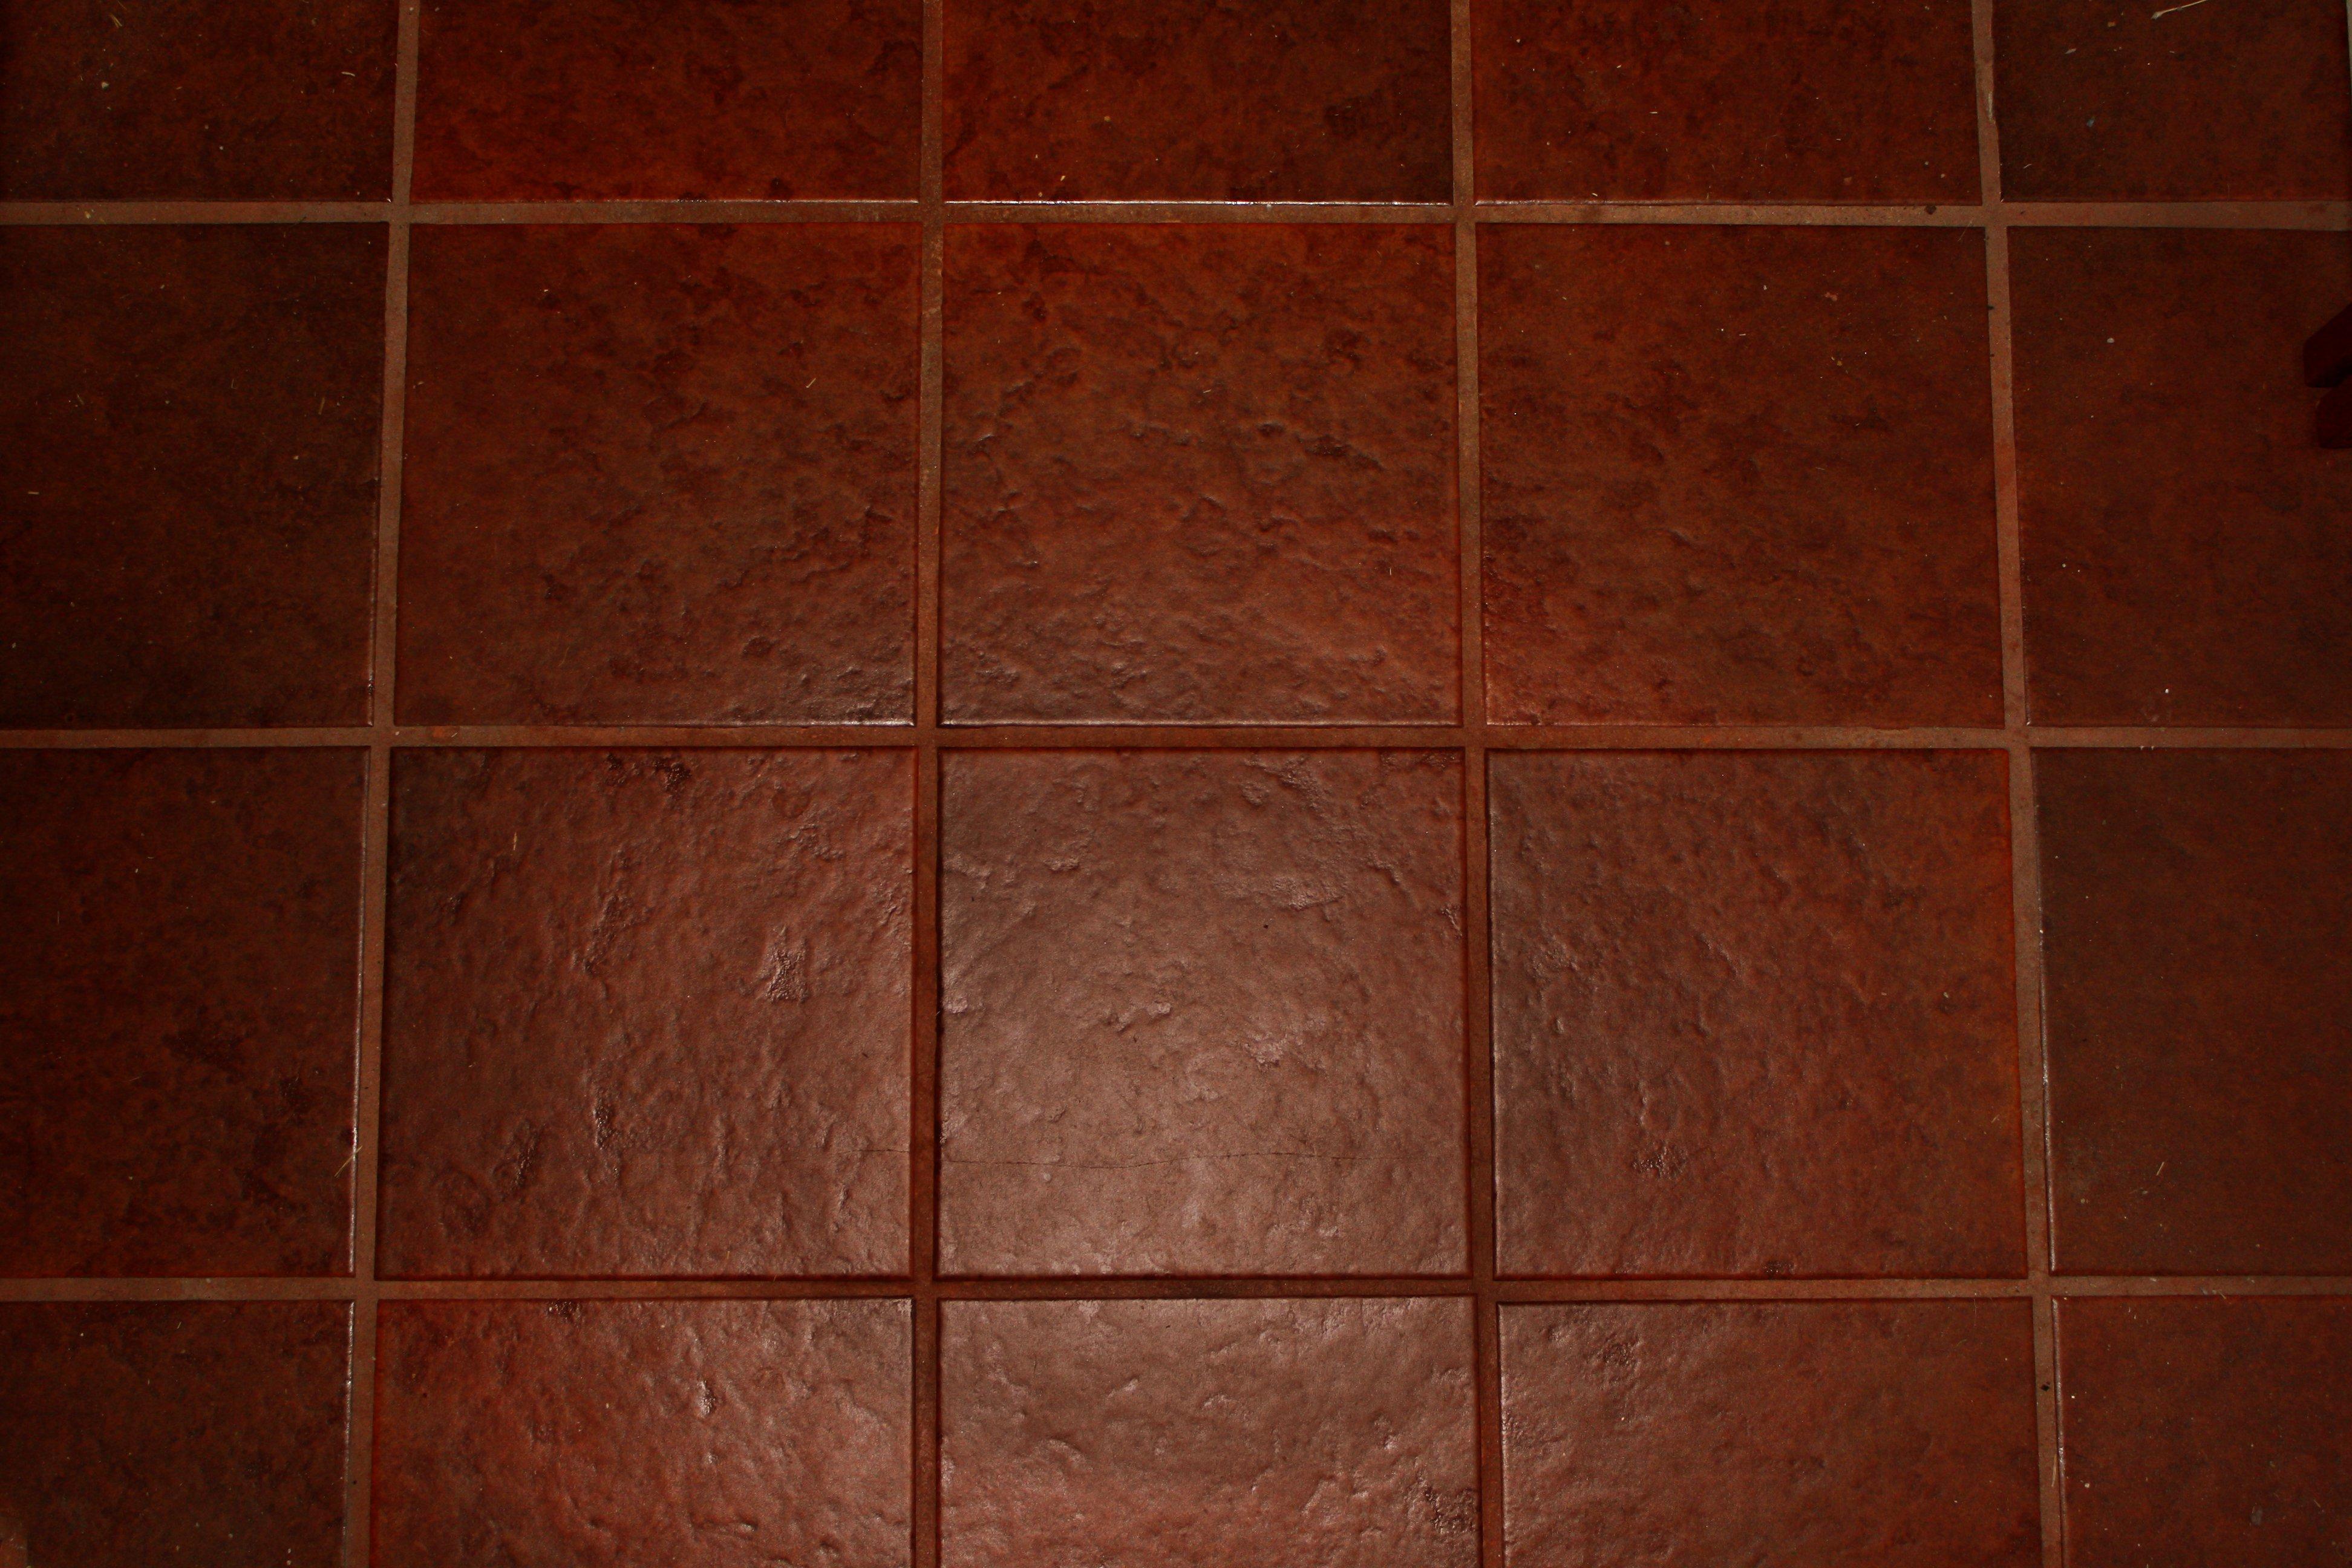 best of tile bathroom floor ideas photograph-Lovely Tile Bathroom Floor Ideas Collection